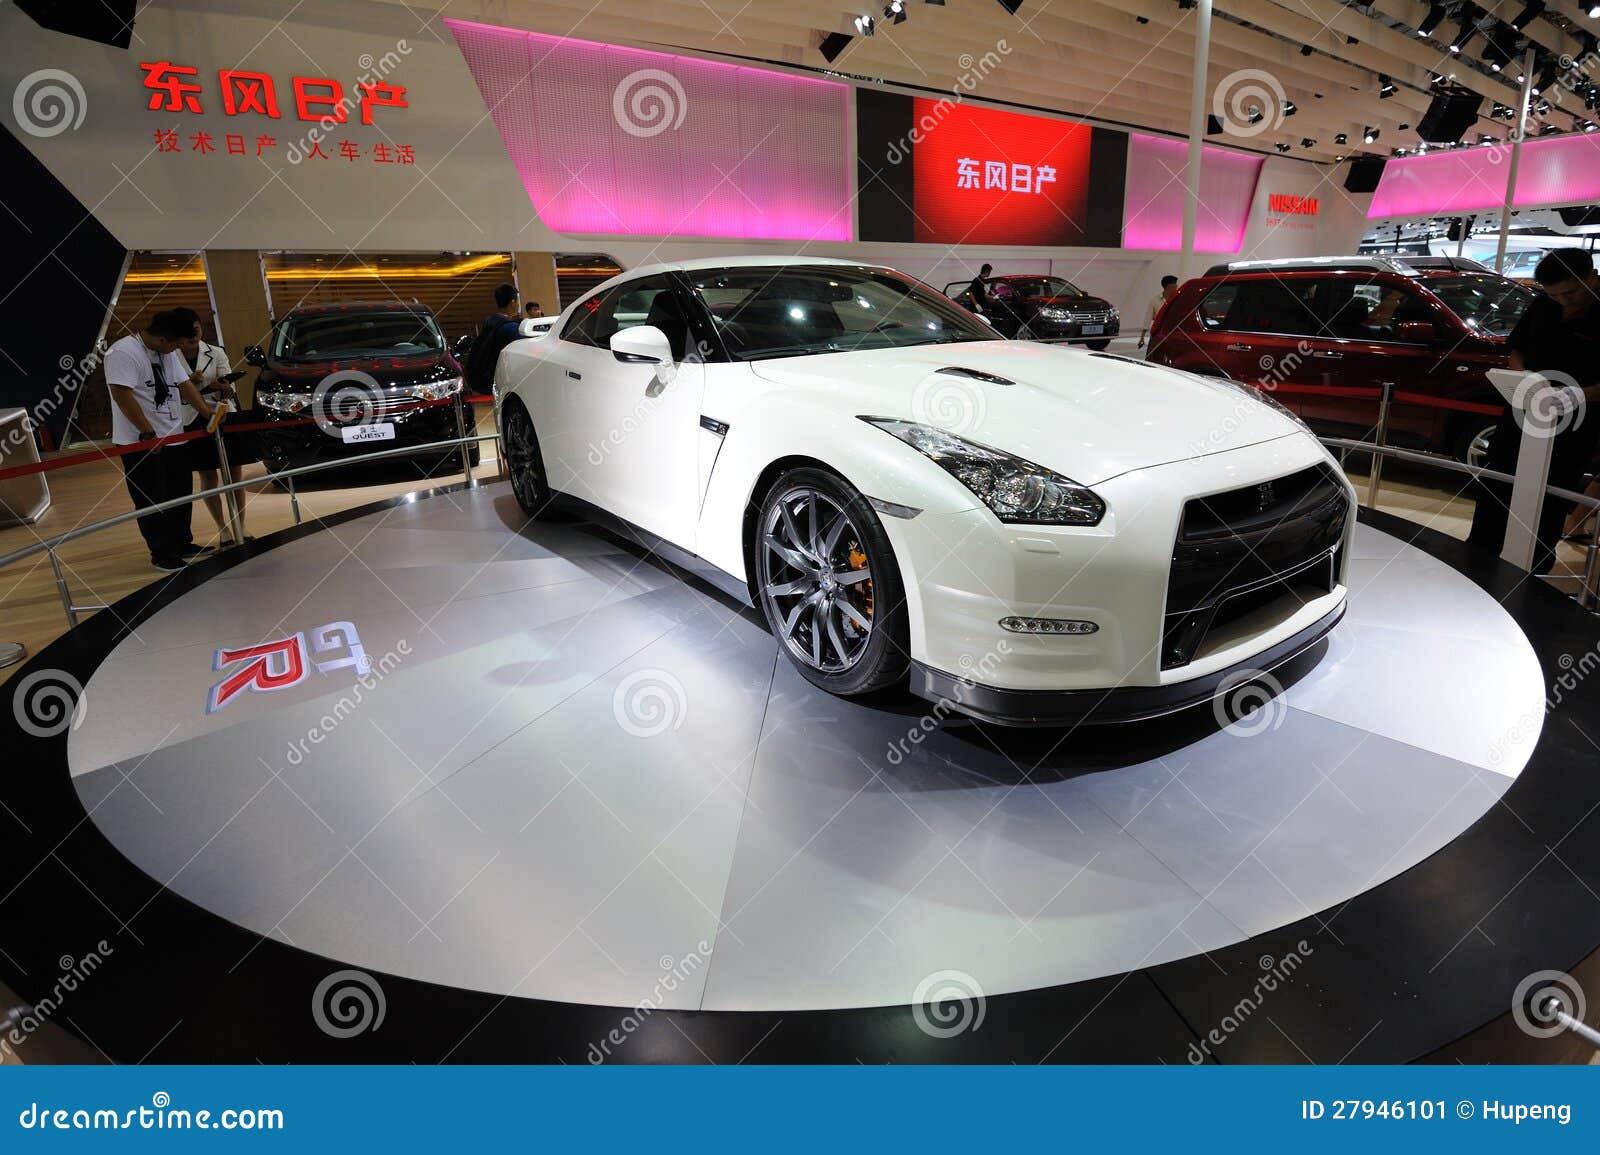 Nissan brancos gtr